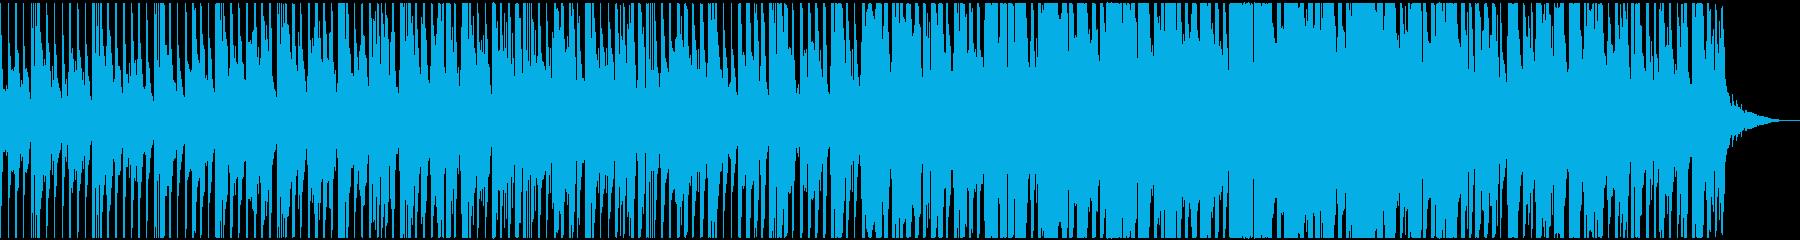 けもののなまえの再生済みの波形